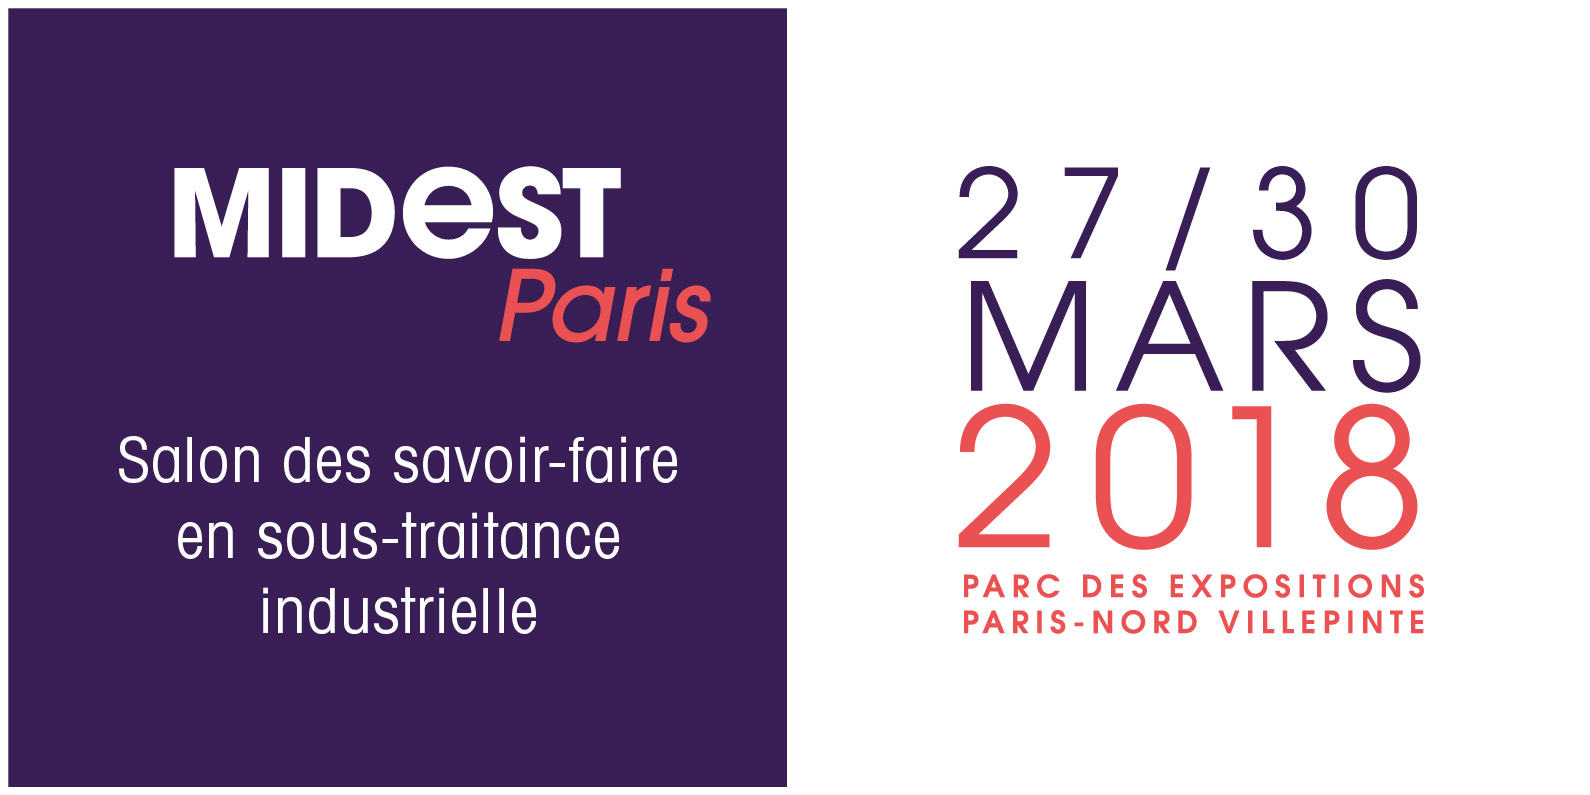 GOIMEK EXPONE EN LA FERIA MIDEST 2018 EN PARIS